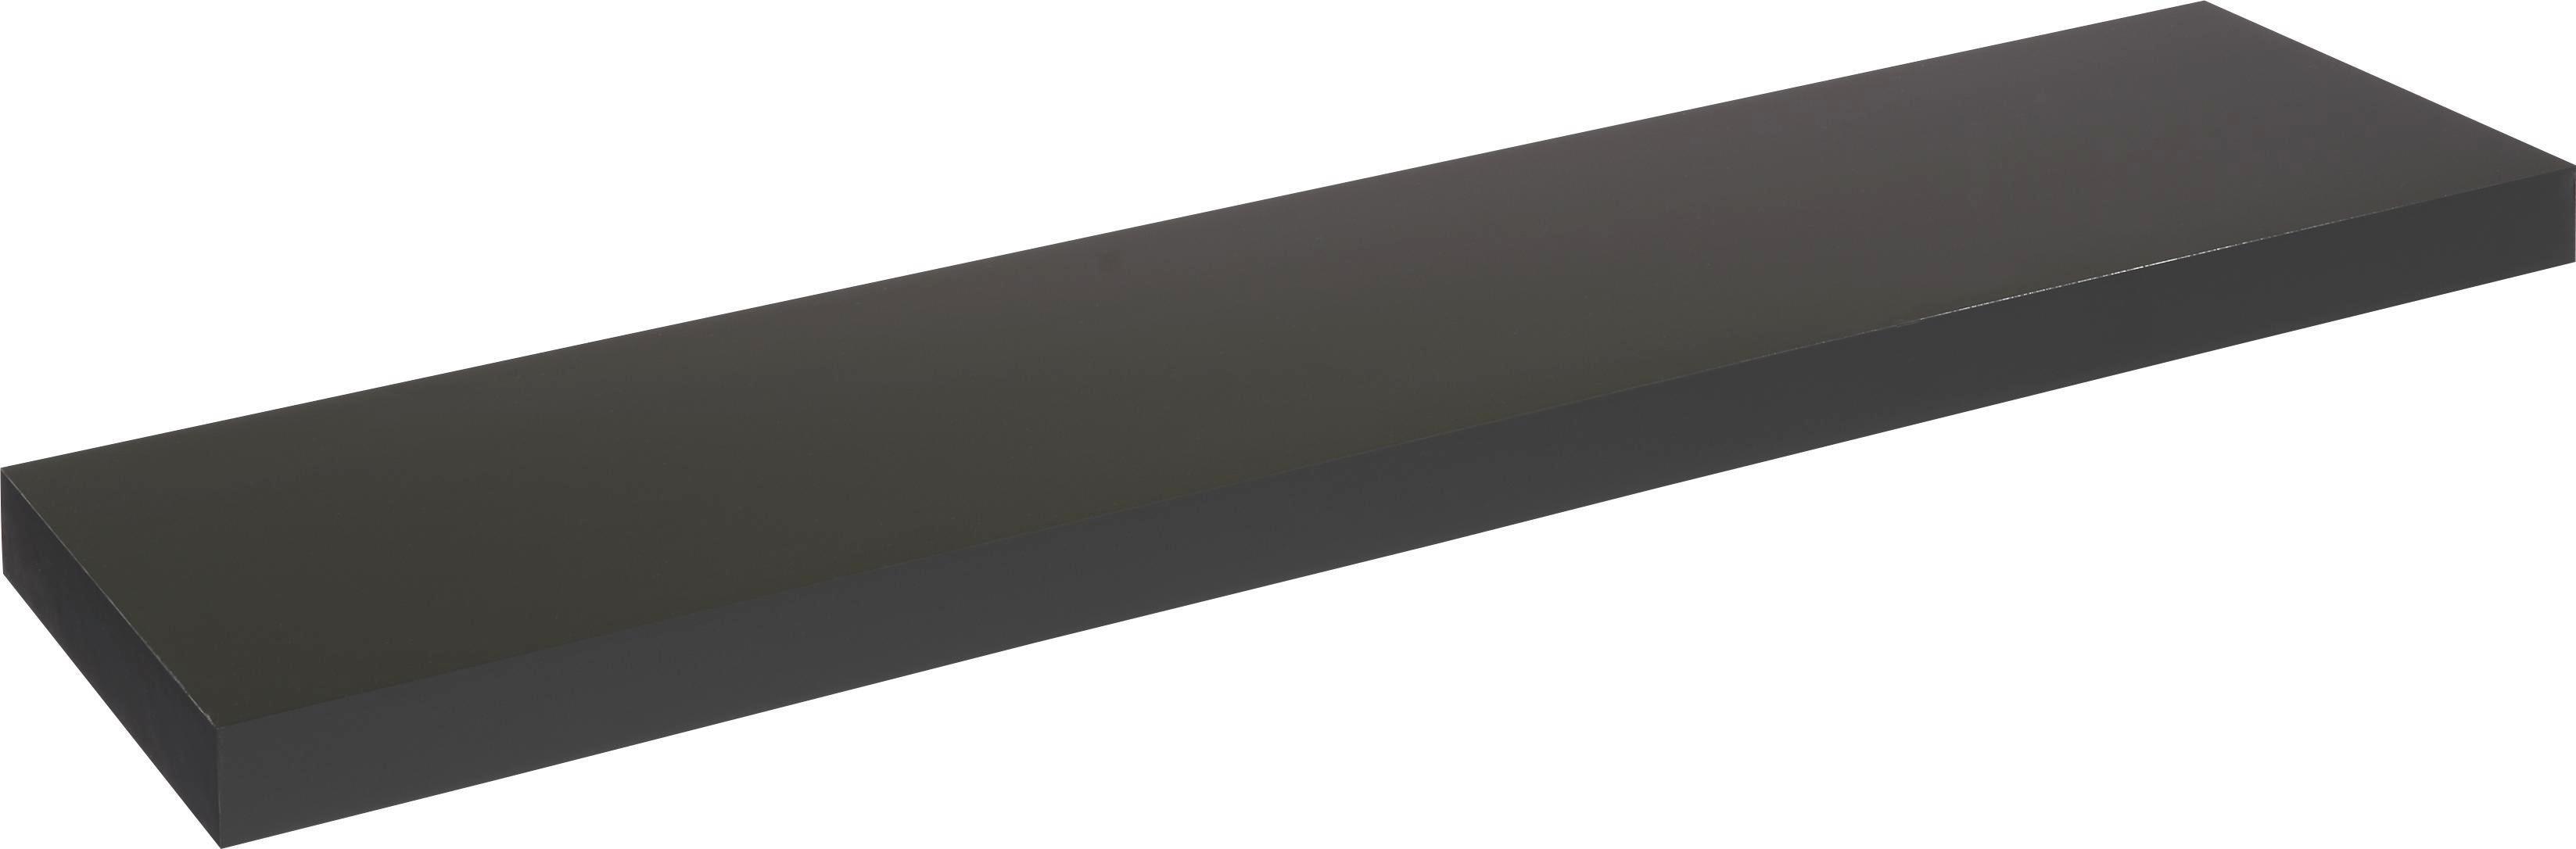 Wandboard in Schwarz - Schwarz, Holzwerkstoff (100/4,5/24cm) - MÖMAX modern living